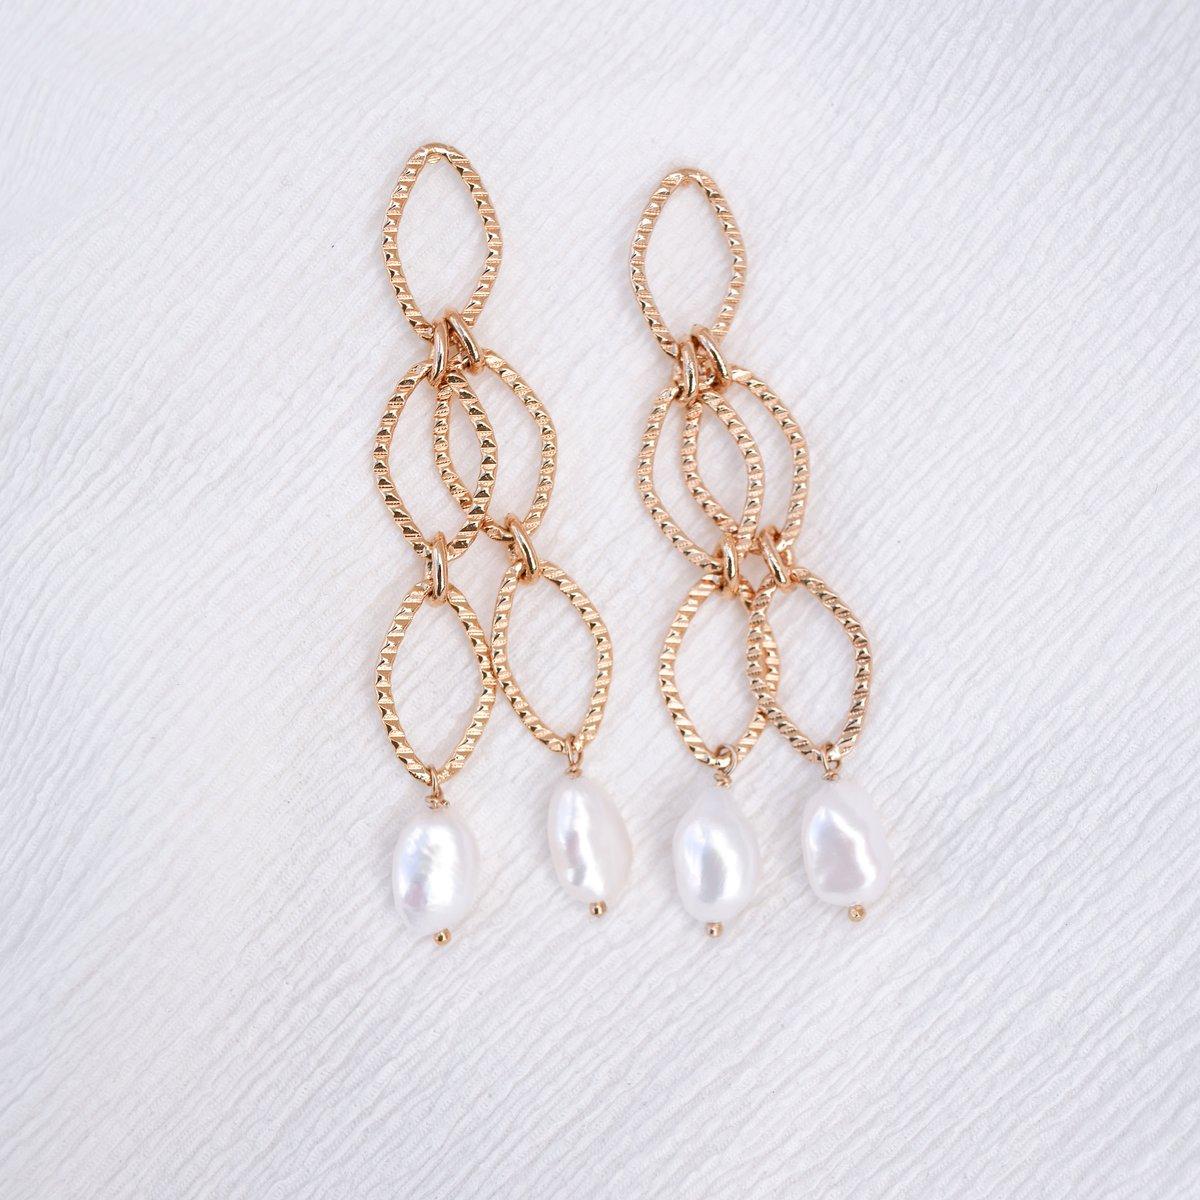 Image of Longues Boucles d'Oreilles LOVLA Doubles